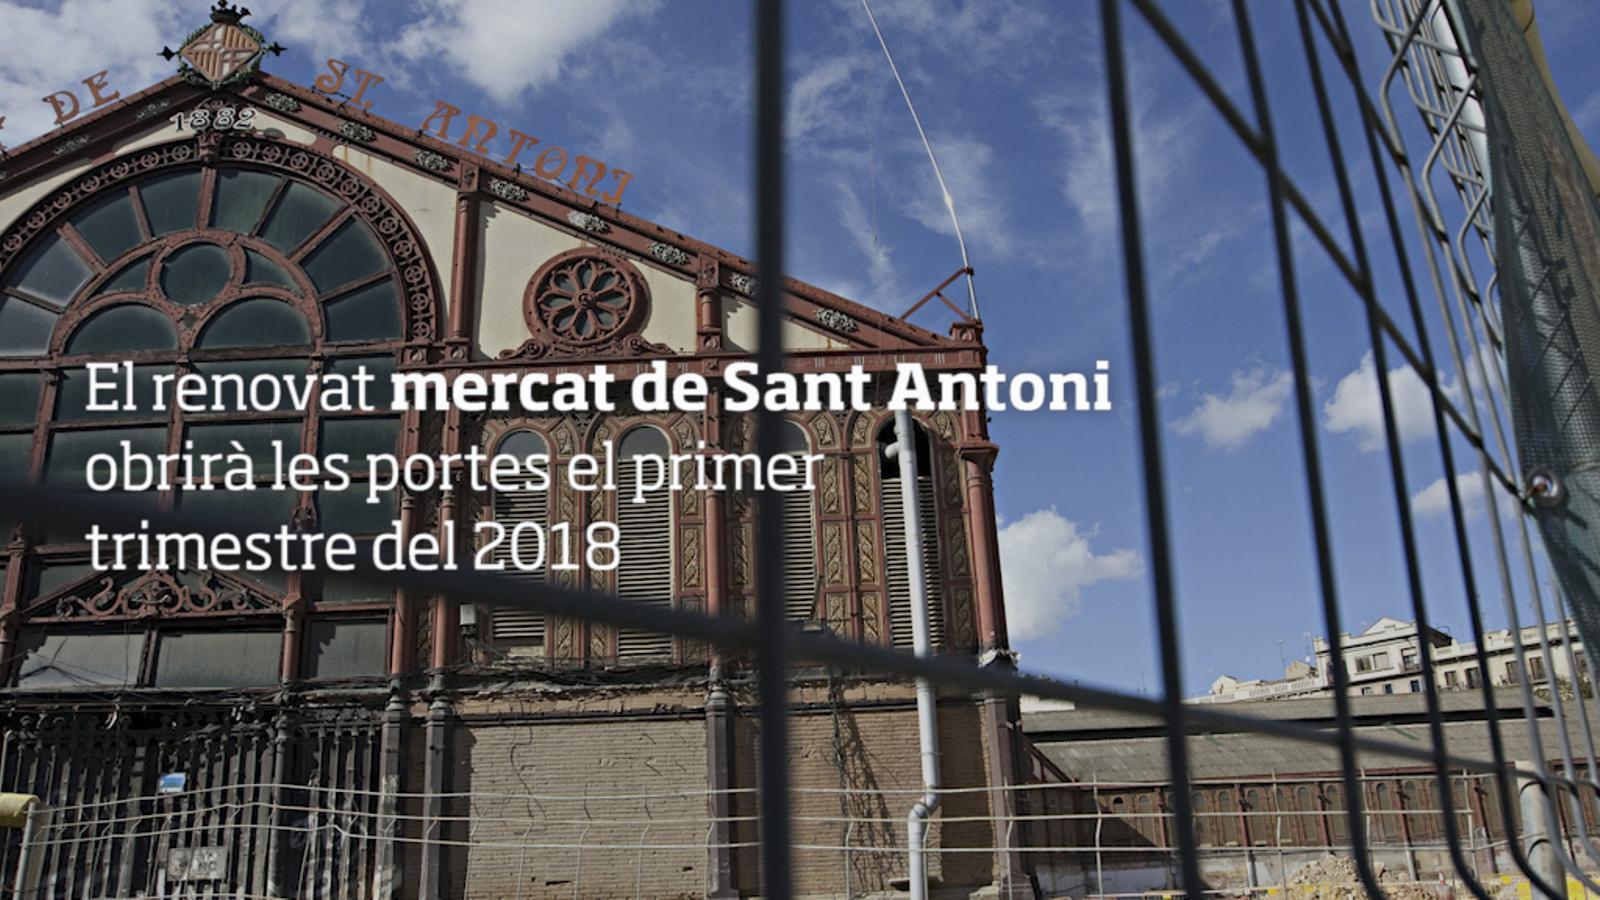 El renovat mercat de Sant Antoni obrirà les portes el primer trimestre del 2018